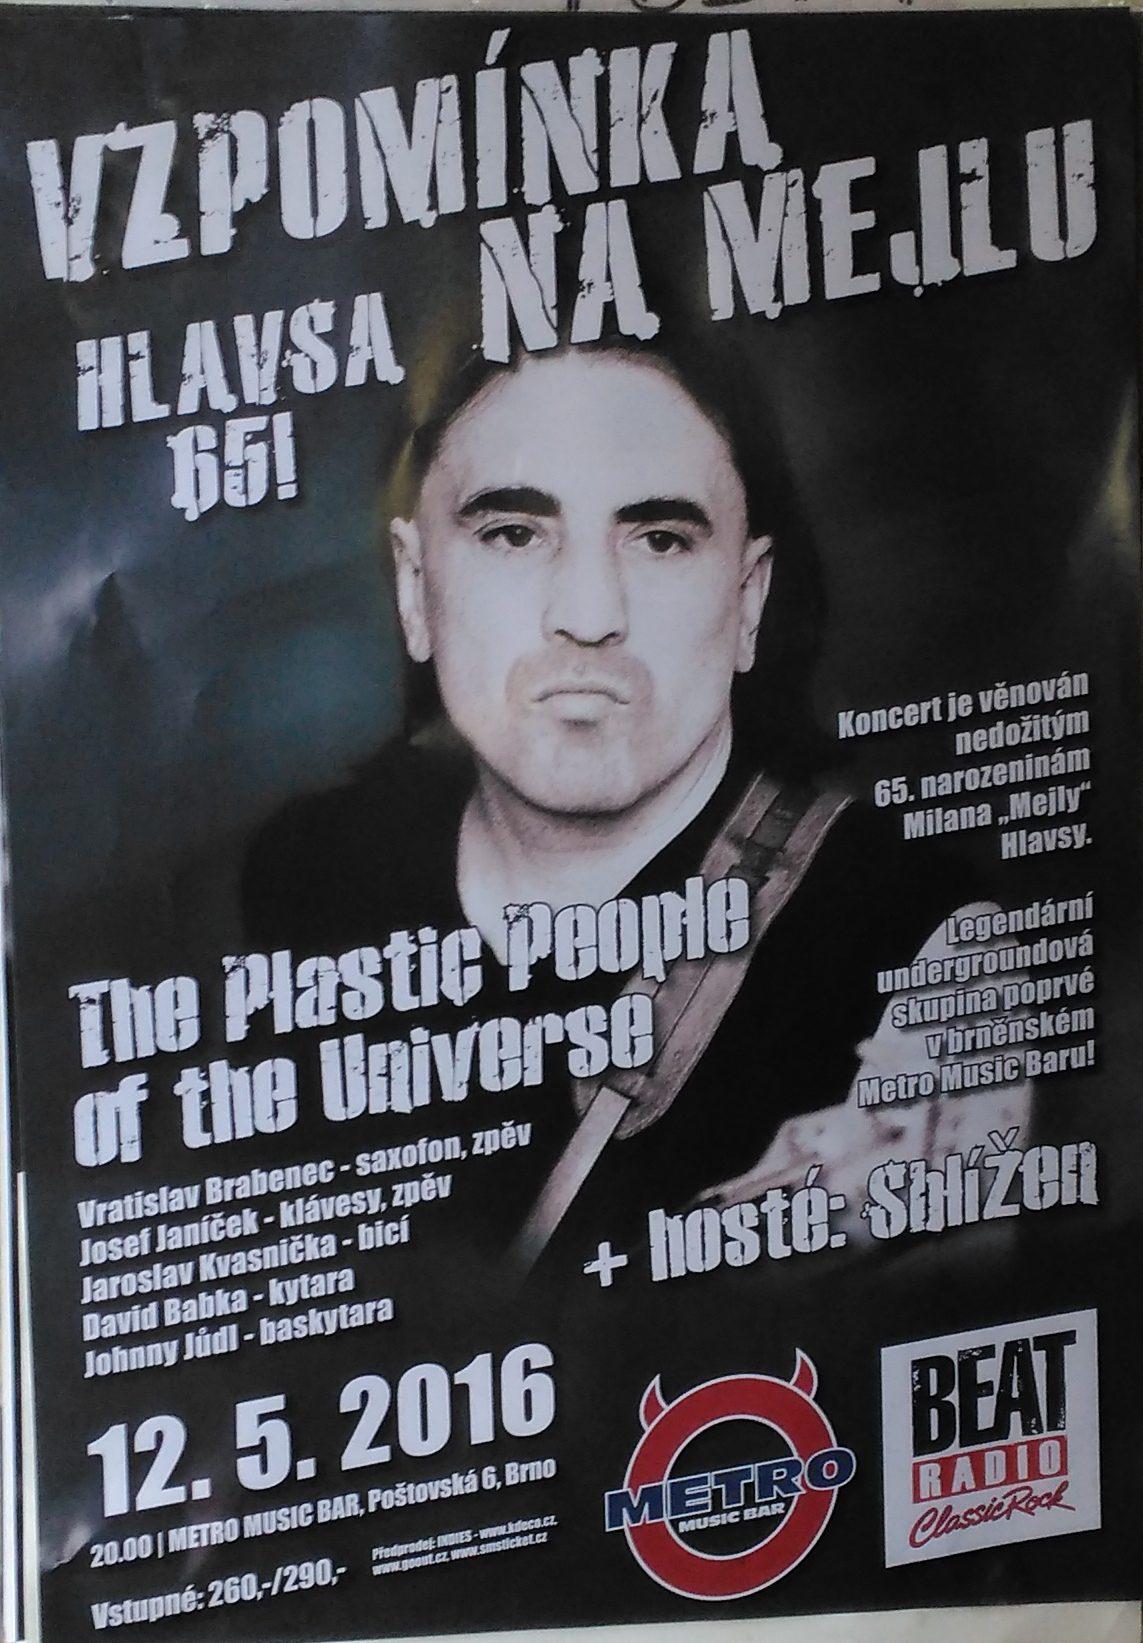 Vzpomínka na Mejlu - Hlavsa 65! (Metro Music Bar, Brno - 12.5.2016)